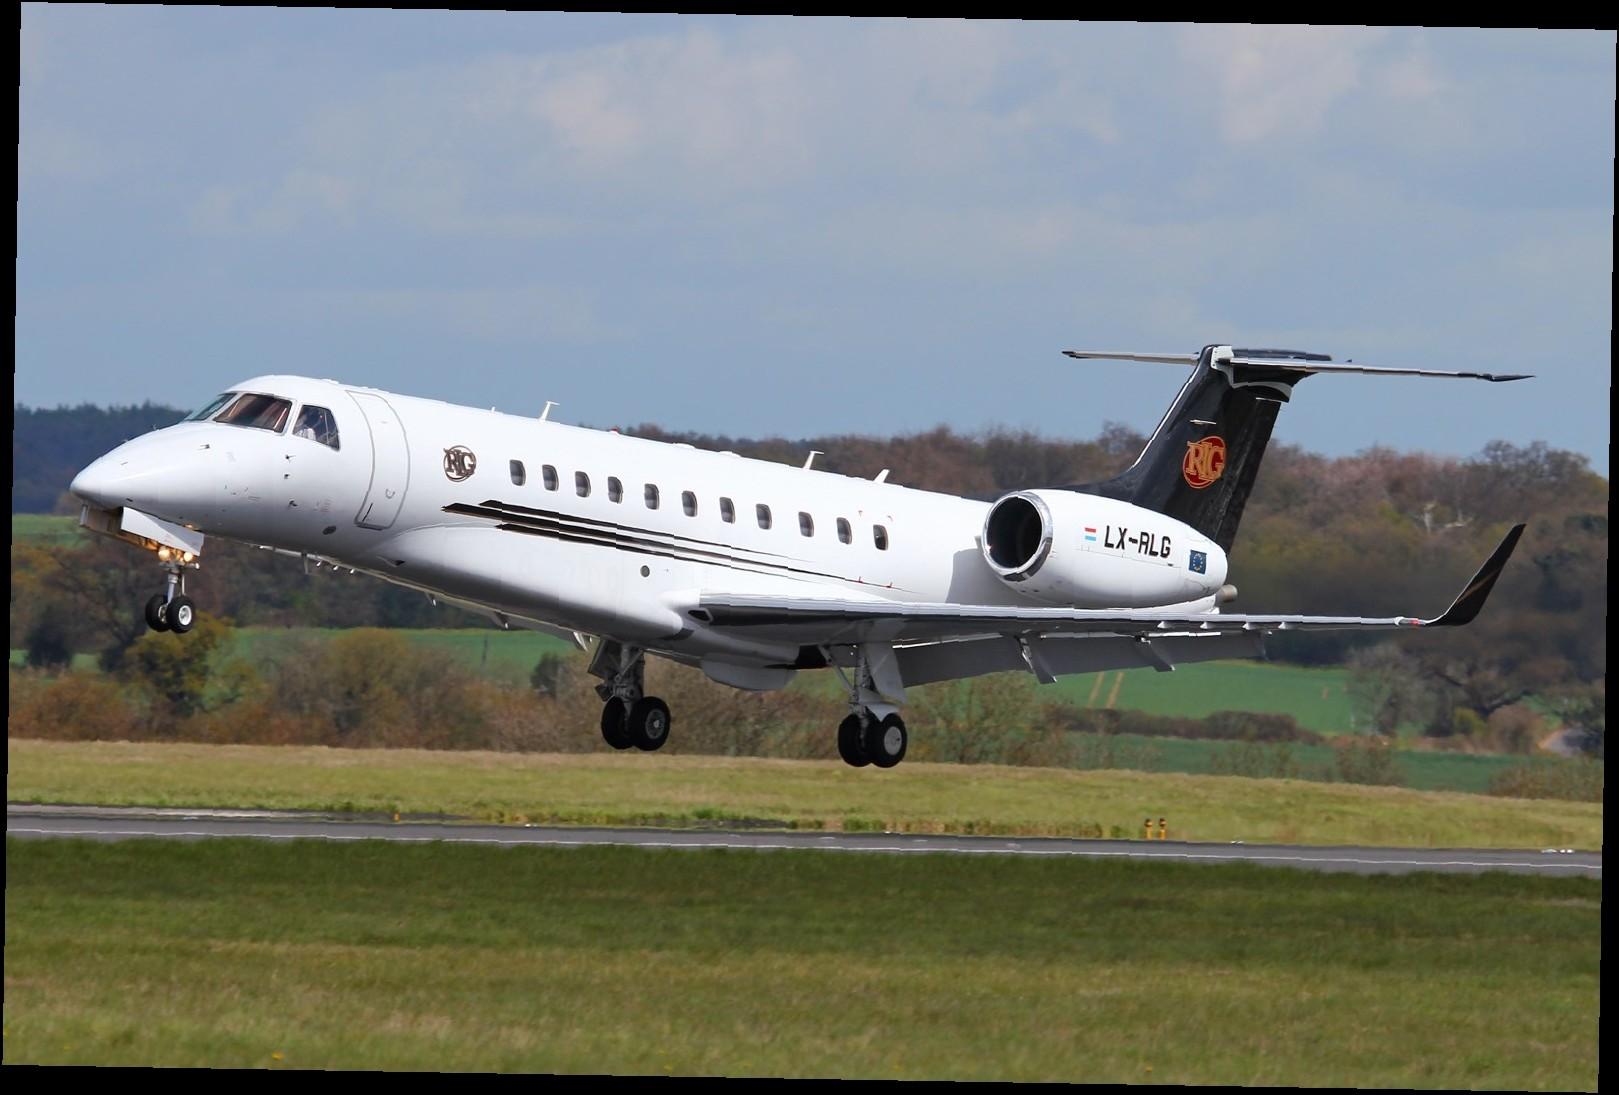 160 - Аэропорт Лангимар (Langimar) коды IATA: LNM ICAO:  город: Лангимар (Langimar) страна: Папуа - Новая Гвинея (Papua New Guinea)